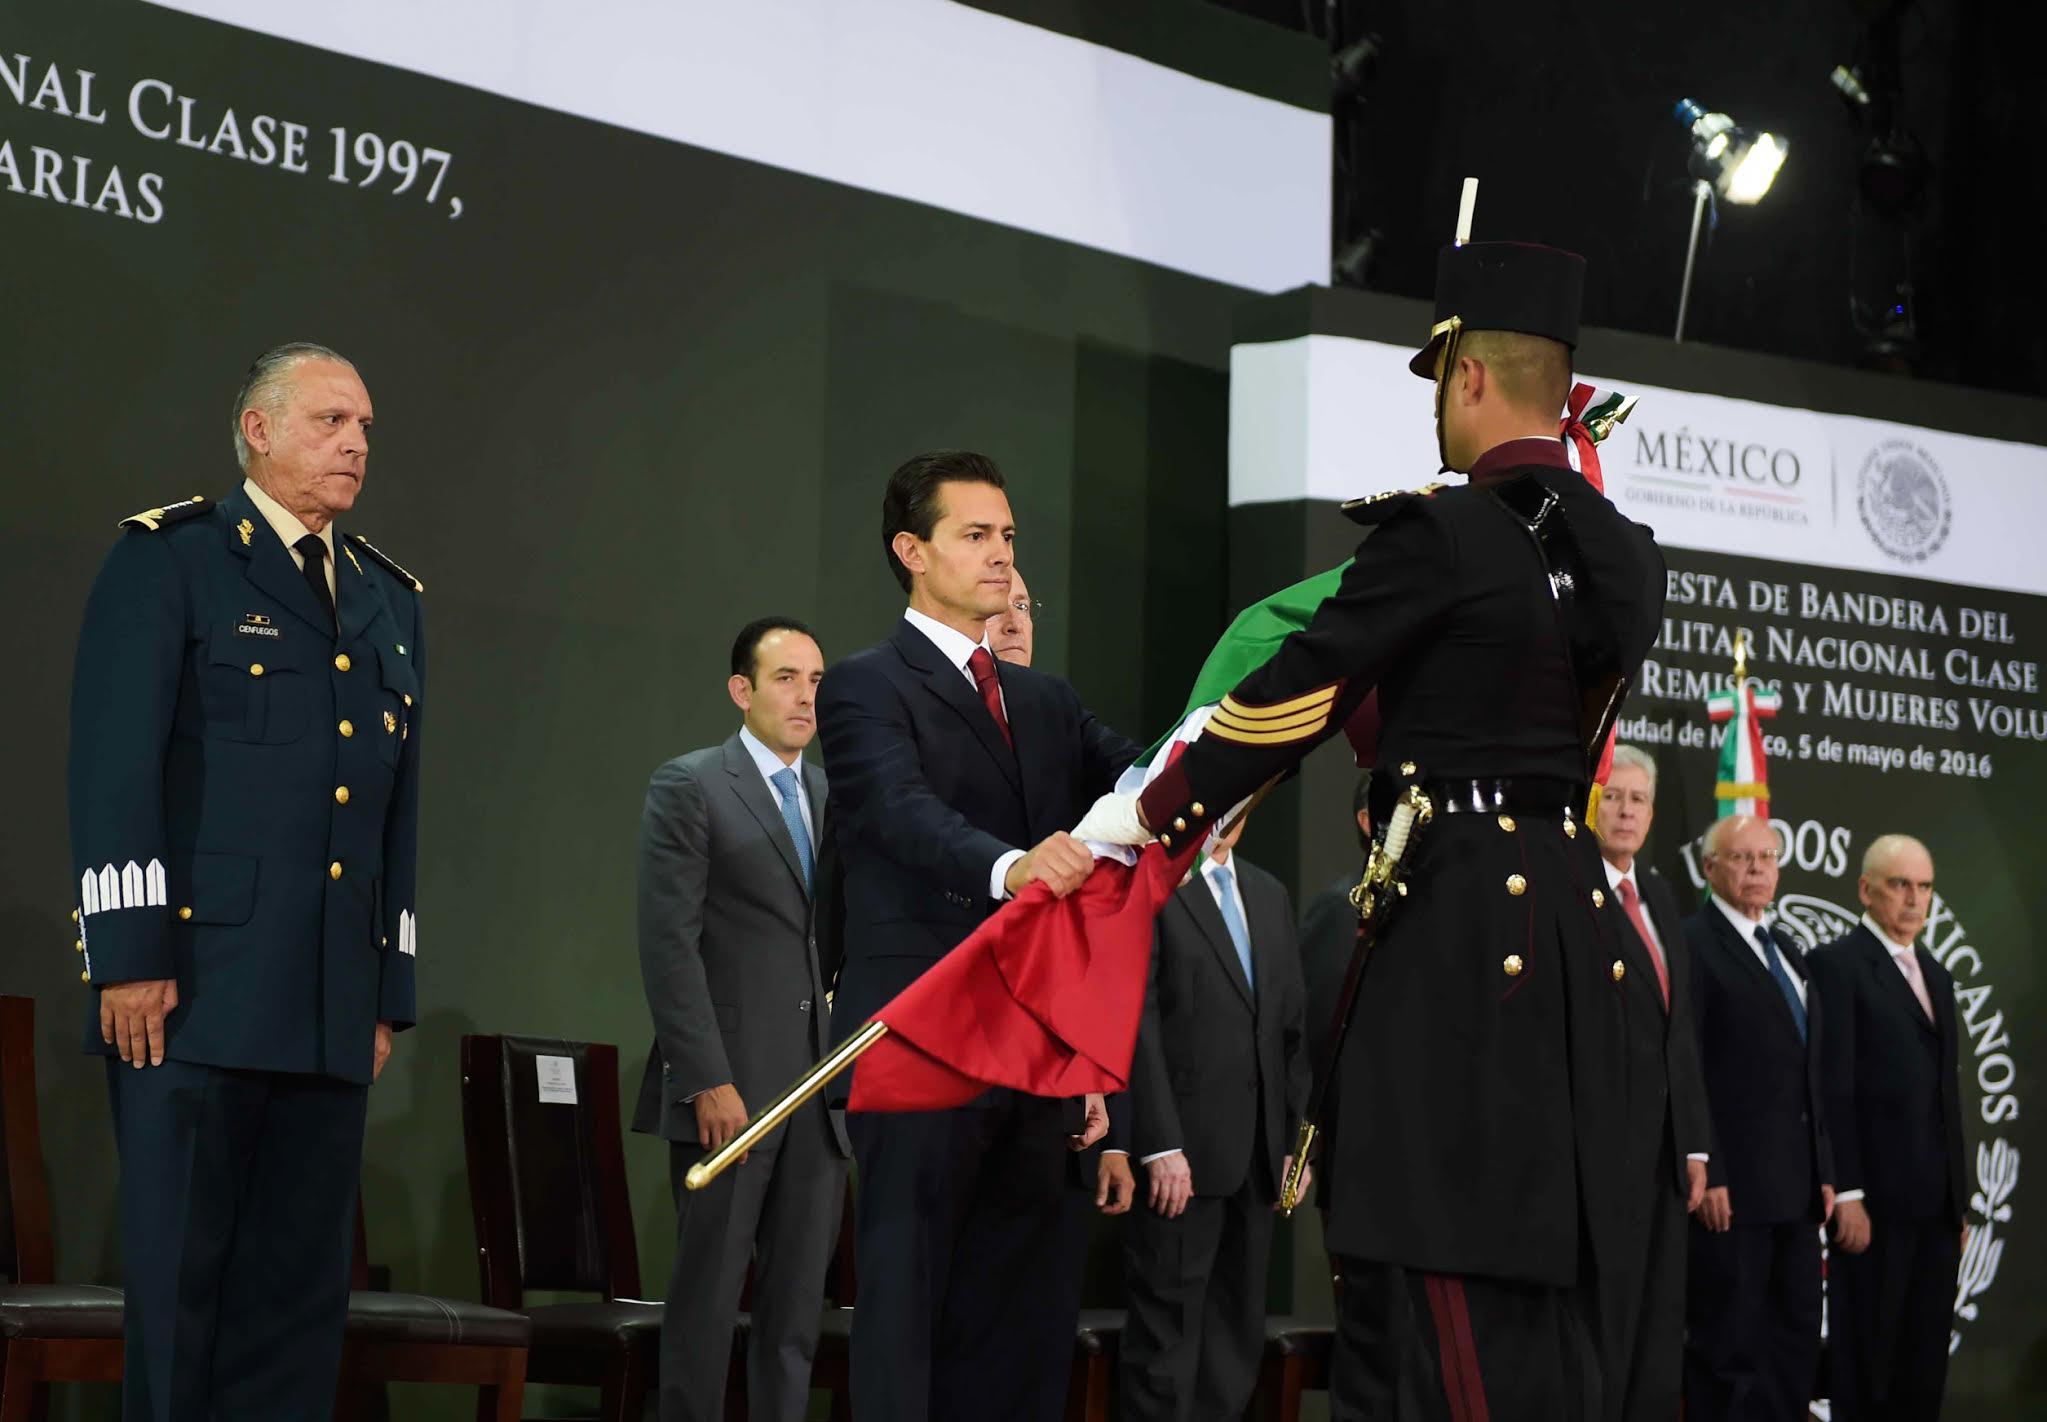 El prestigio y la grandeza del Ejército, de la Armada y de la Fuerza Aérea Mexicana, se construyen y reivindican todos los días y en todas sus misiones.